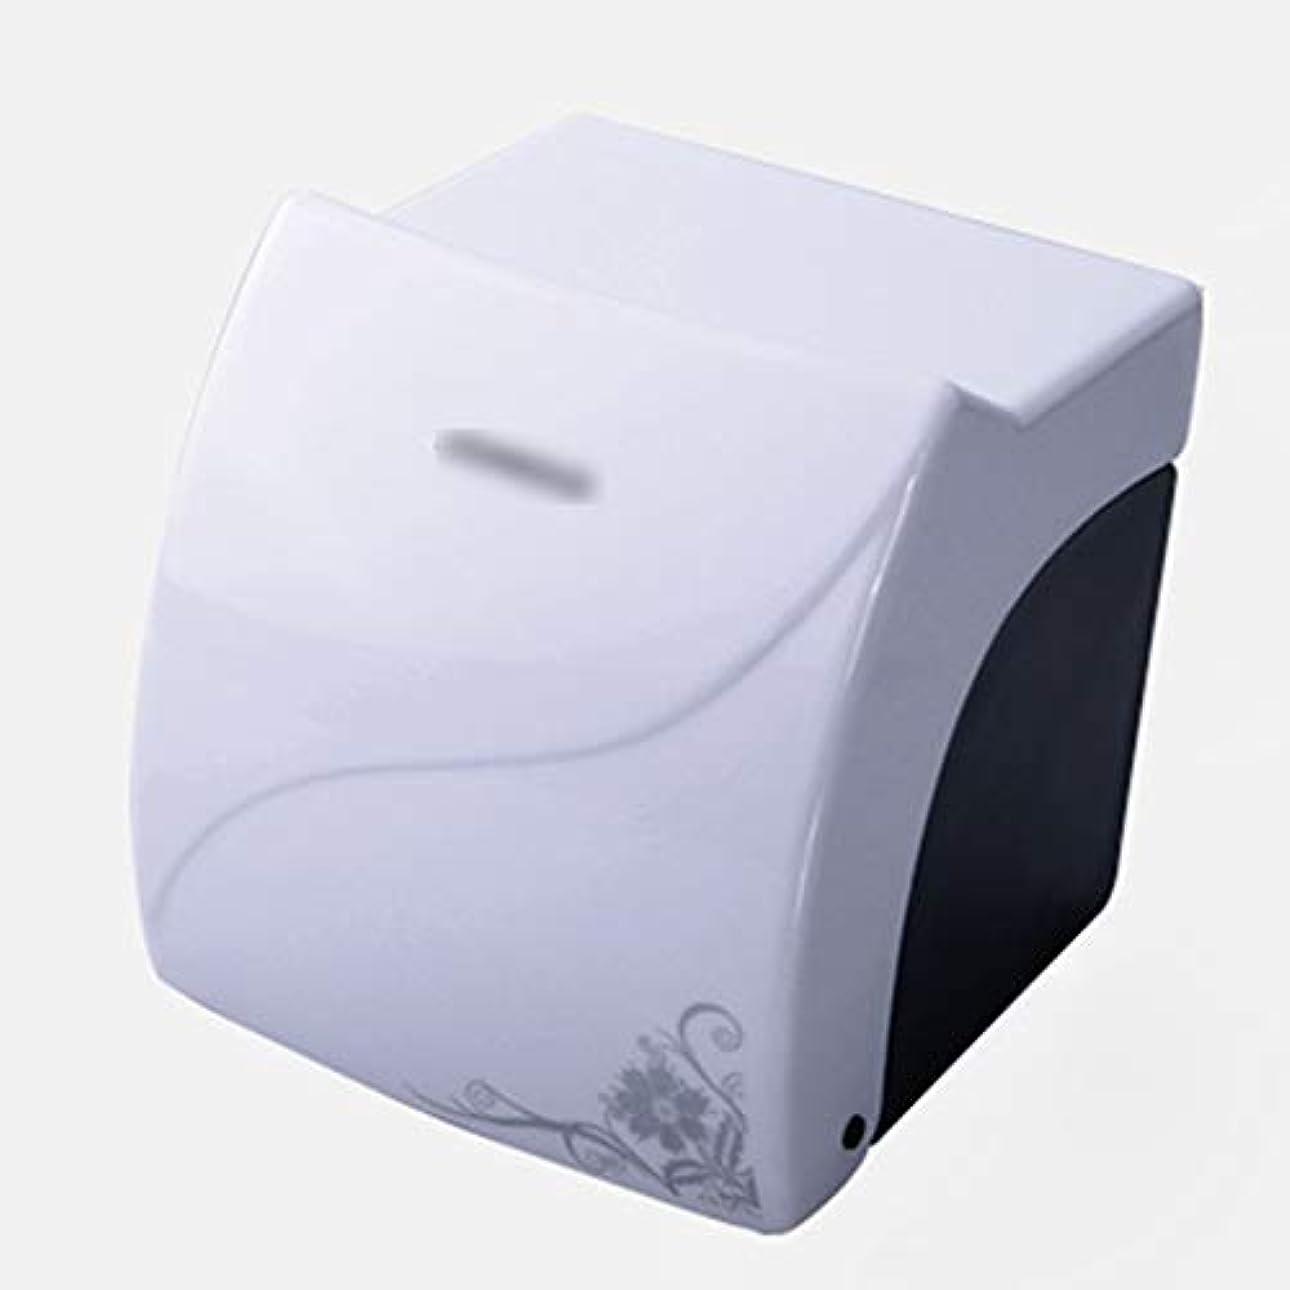 摂氏アークニュースZZLX 紙タオルホルダー、高品質ABS防水ティッシュボックストイレットペーパーボックスペーパーホルダー ロングハンドル風呂ブラシ